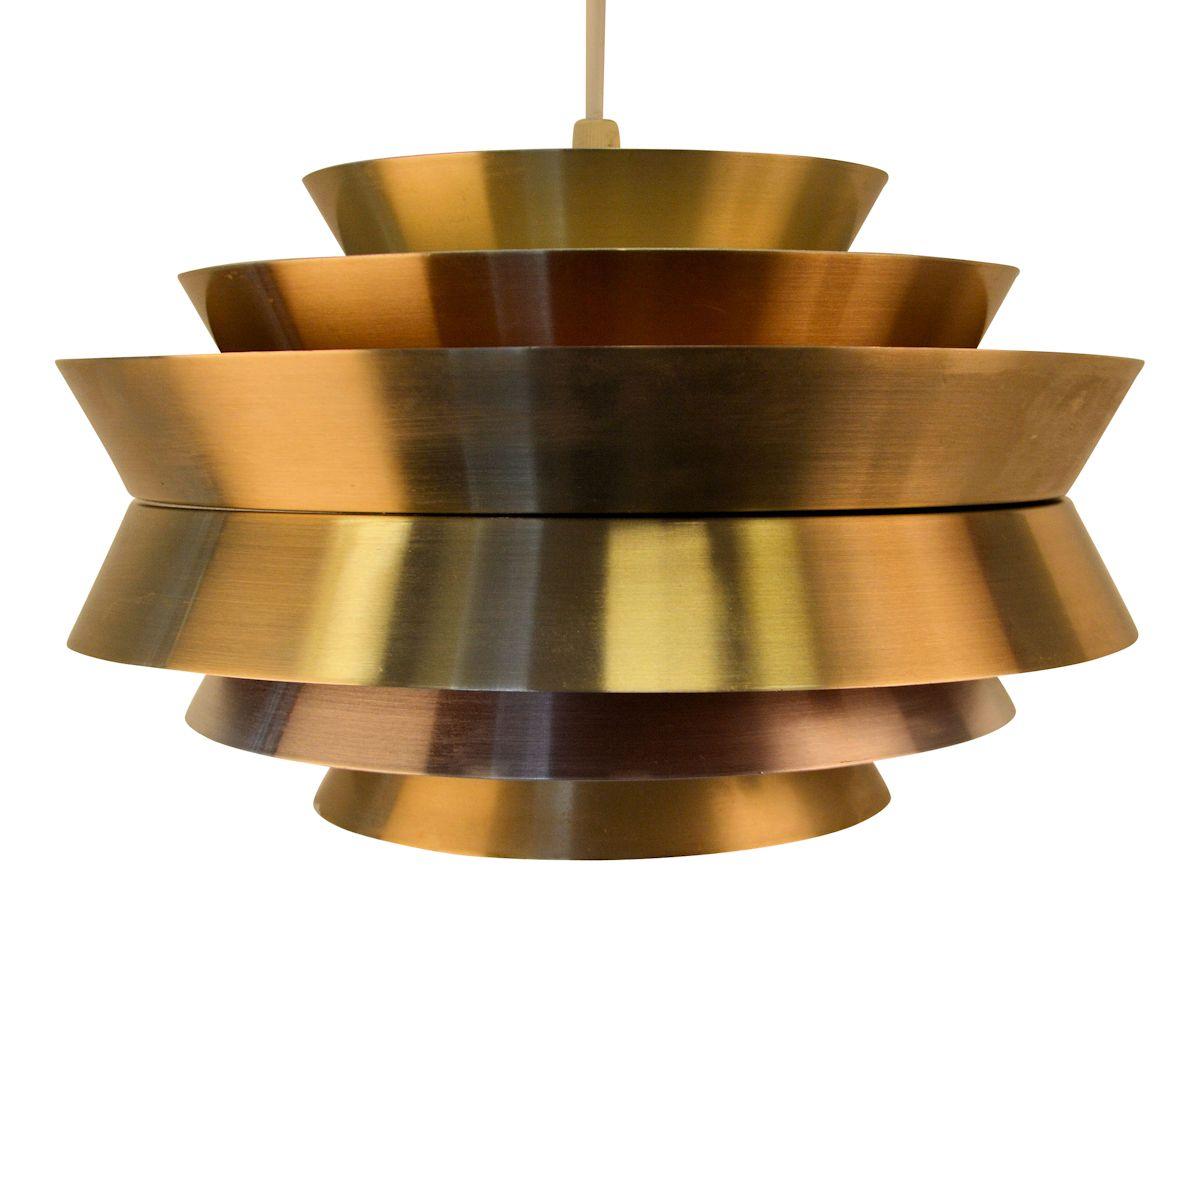 Carl Thore hanglamp uit de 60's